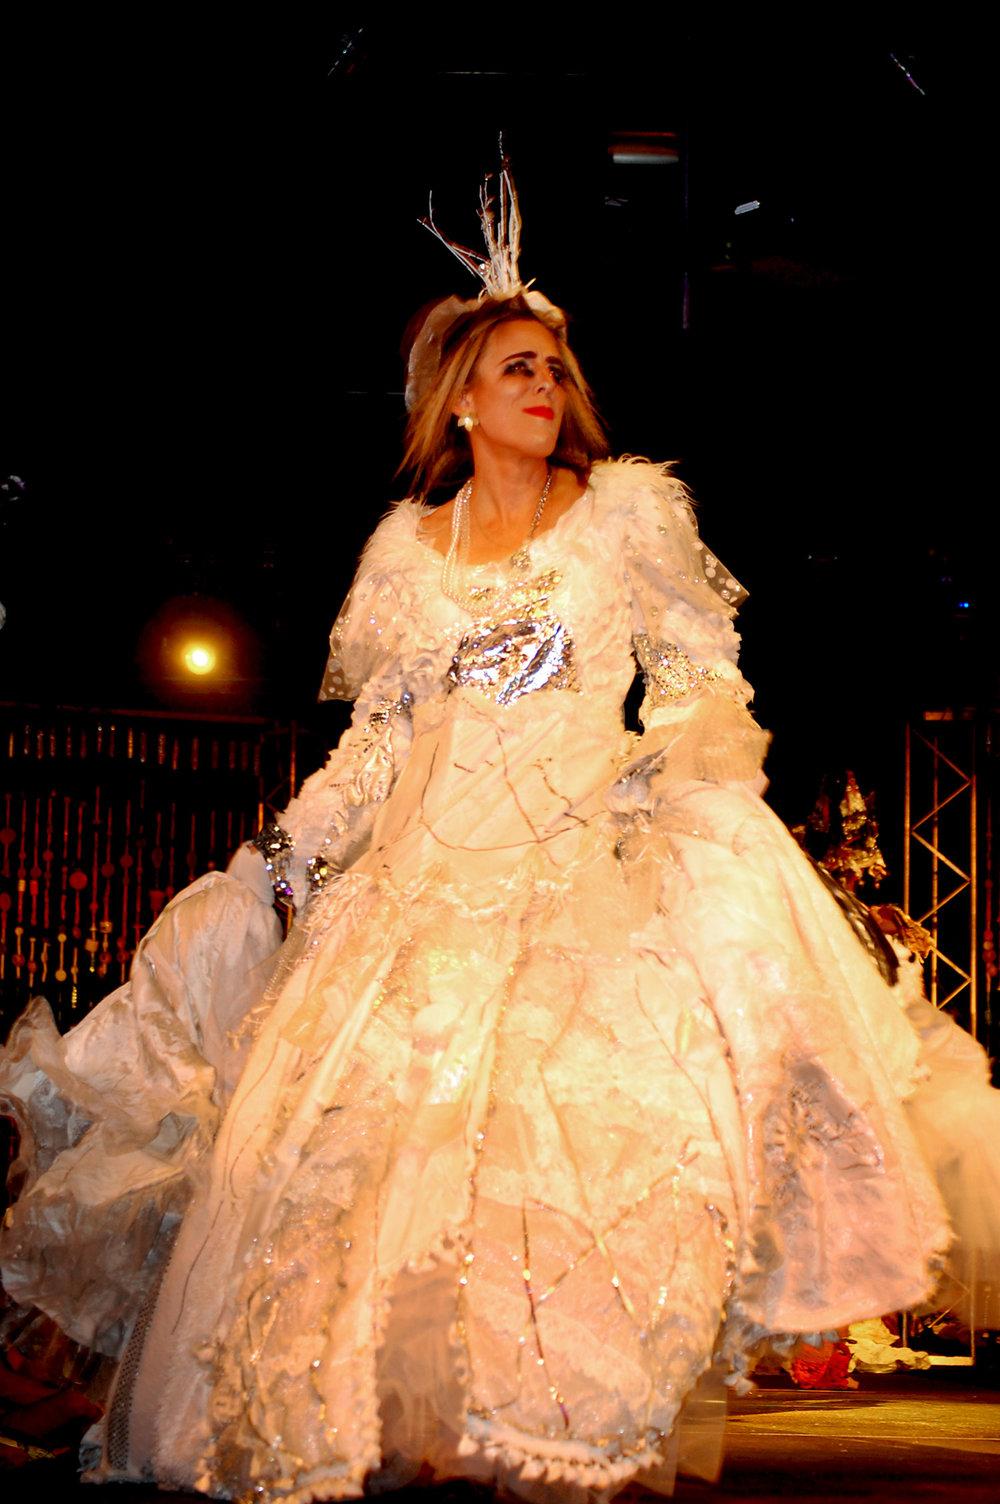 weddingdress3-julianb.jpg